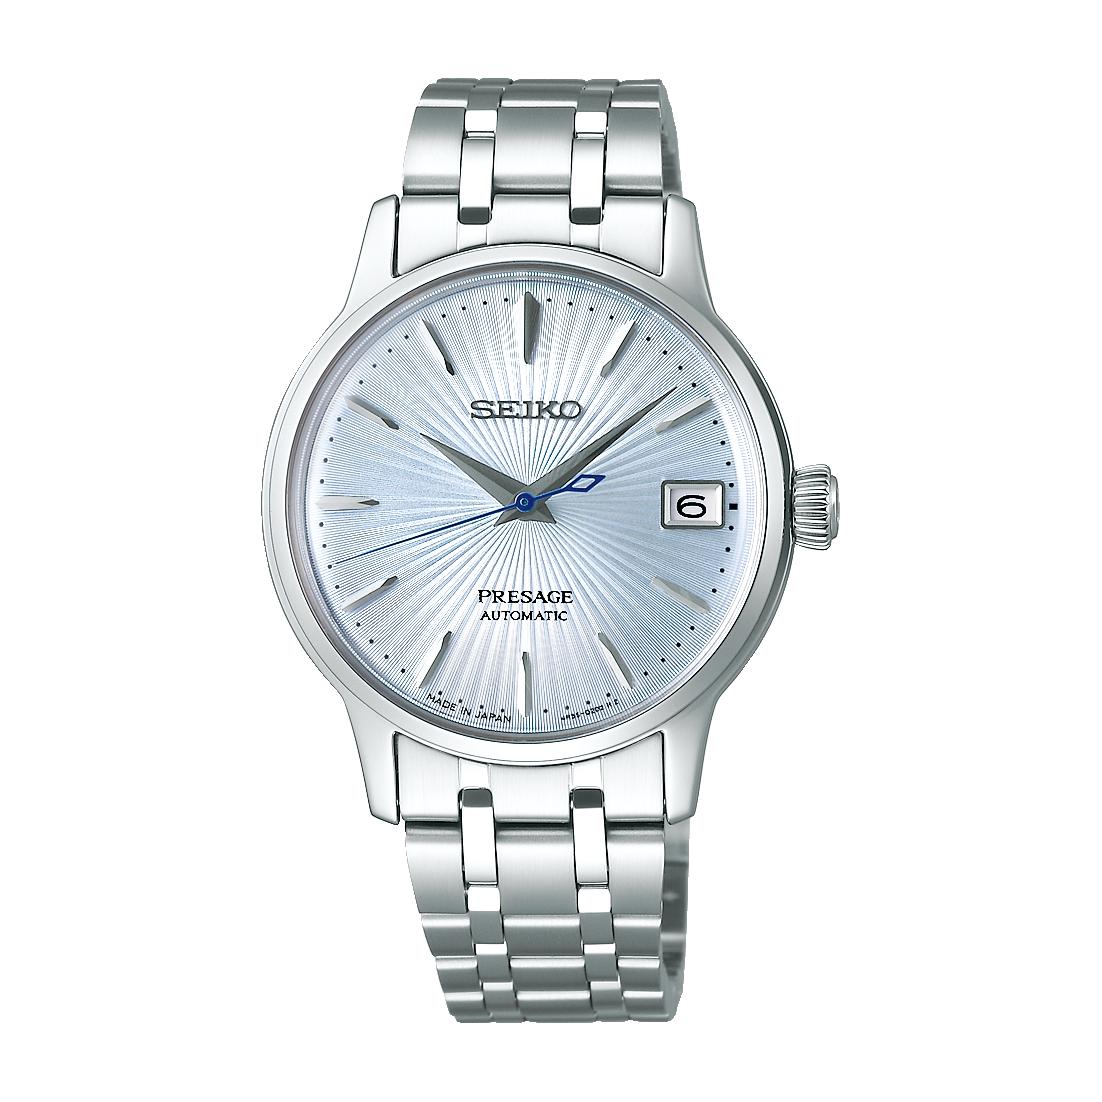 セイコー(SEIKO)プレサージュはペアウォッチで人気の腕時計